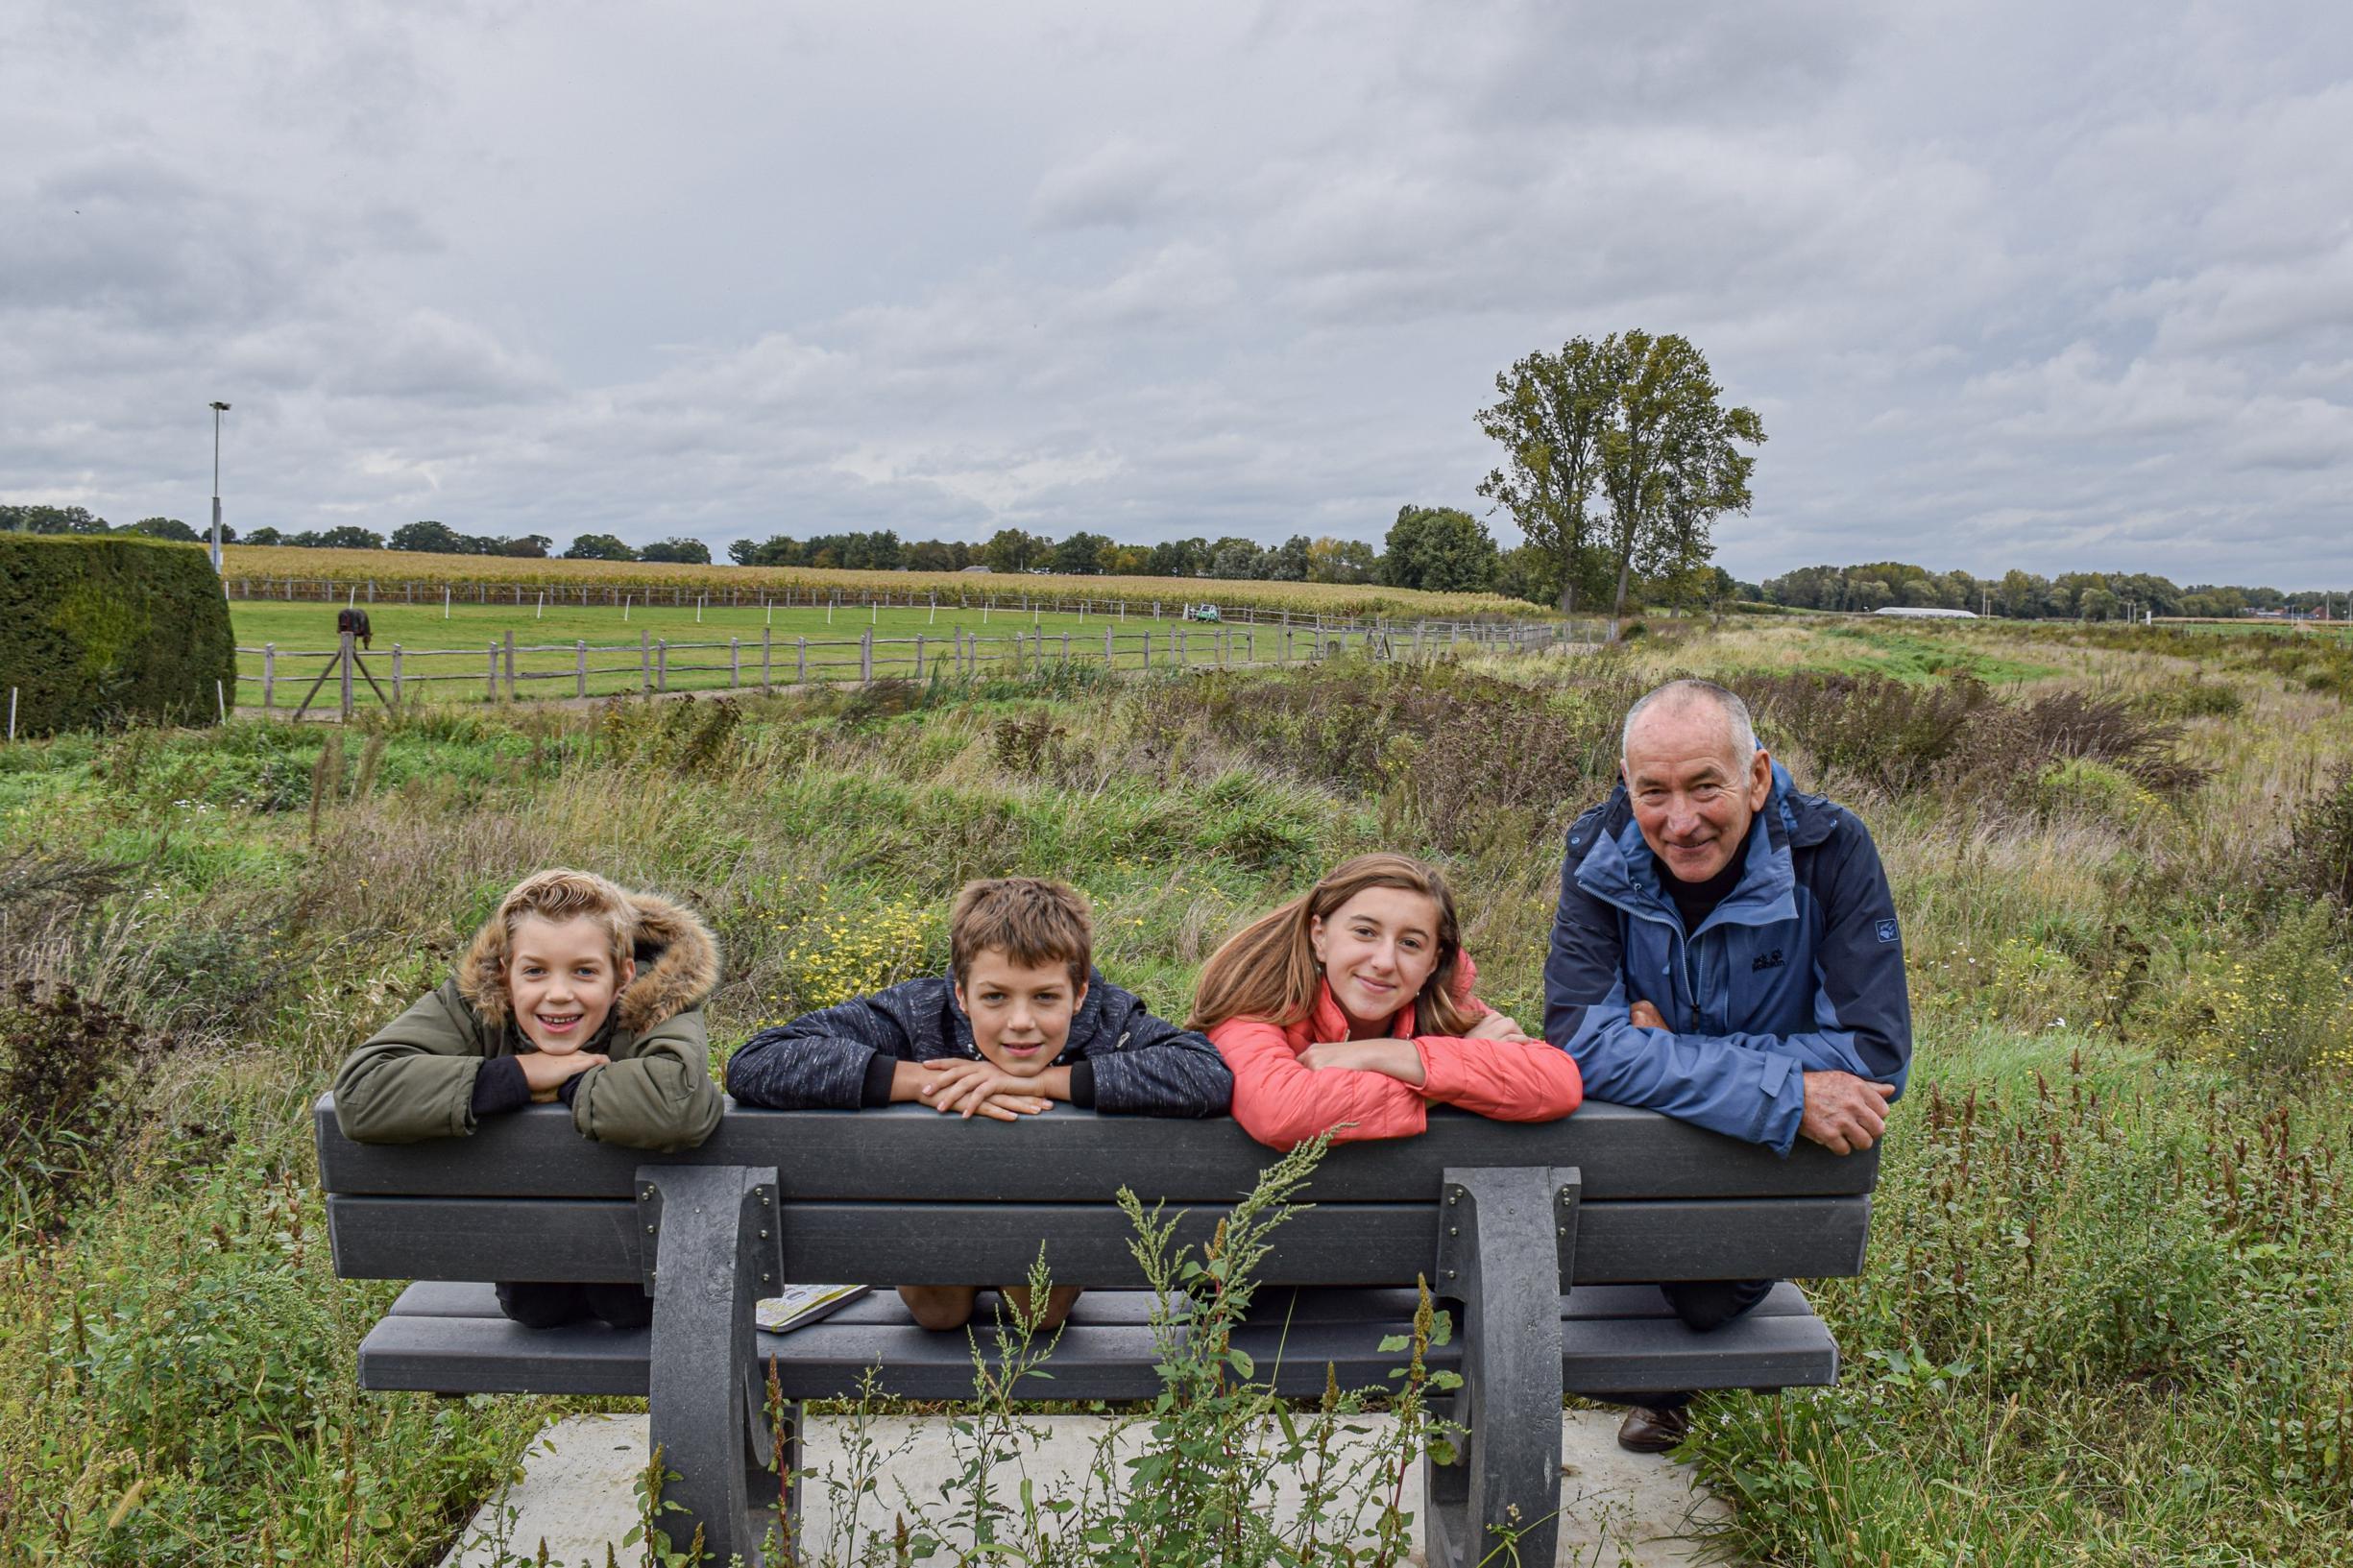 René Rutten krijgt klimaatbos voor zeventigste verjaardag (Kinrooi) - Het Belang van Limburg